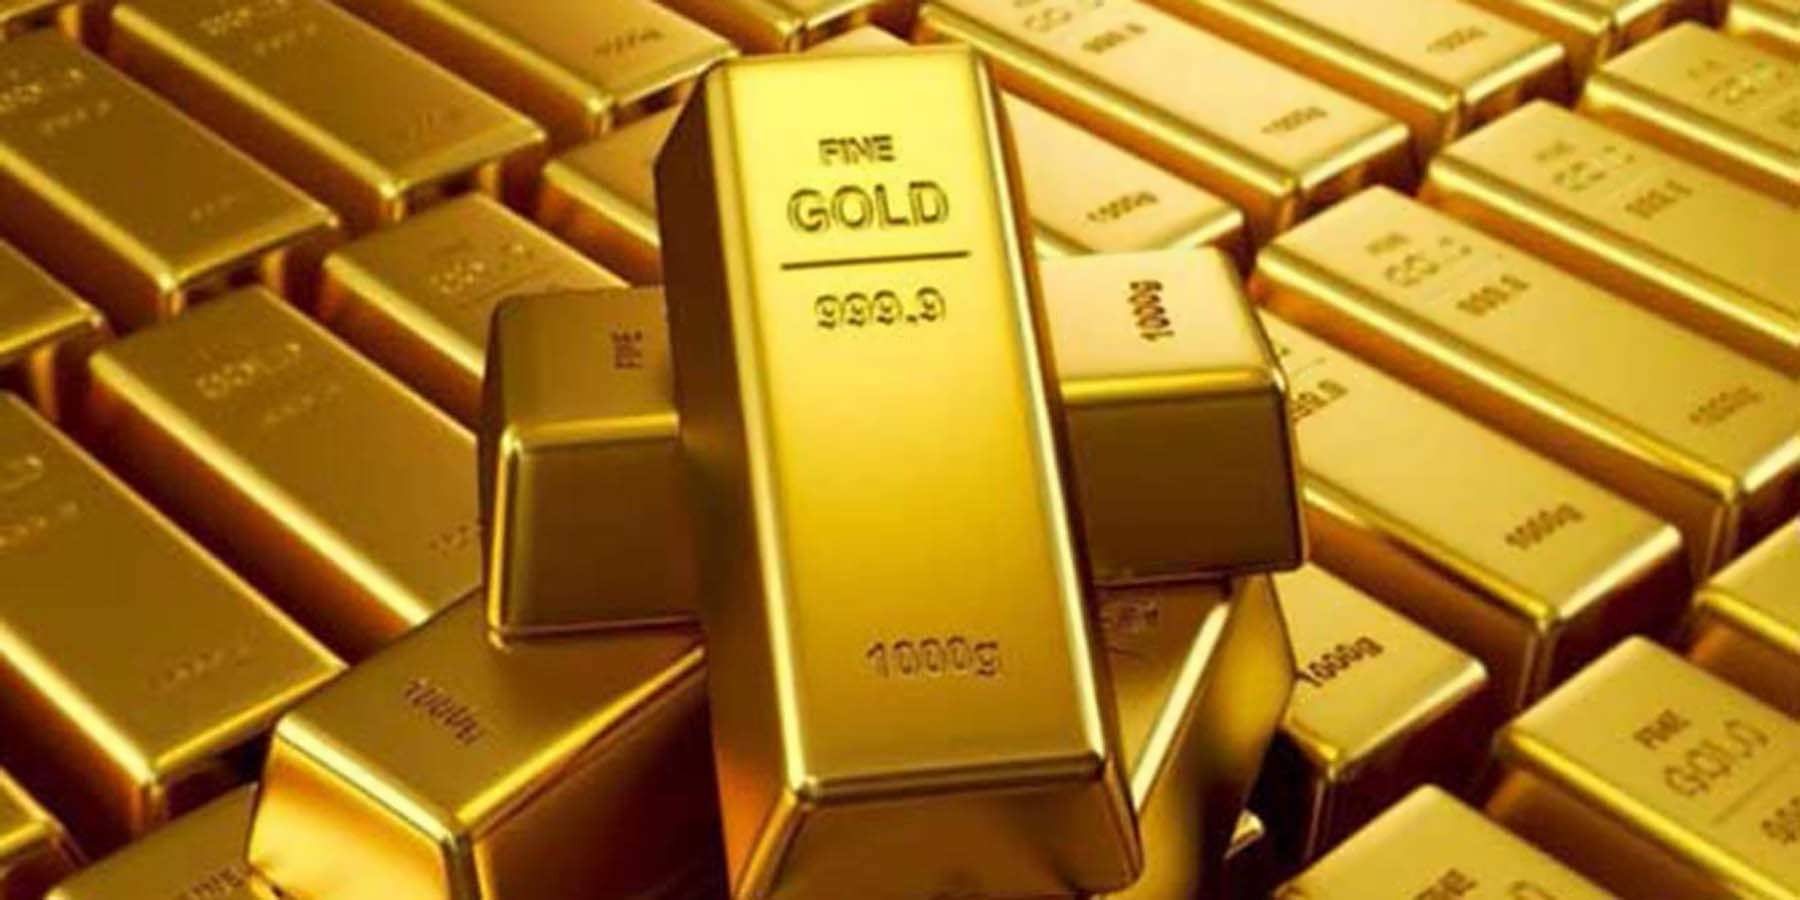 Temmuz Ayında Bankalardan 10,6 Ton Altın Çıktı